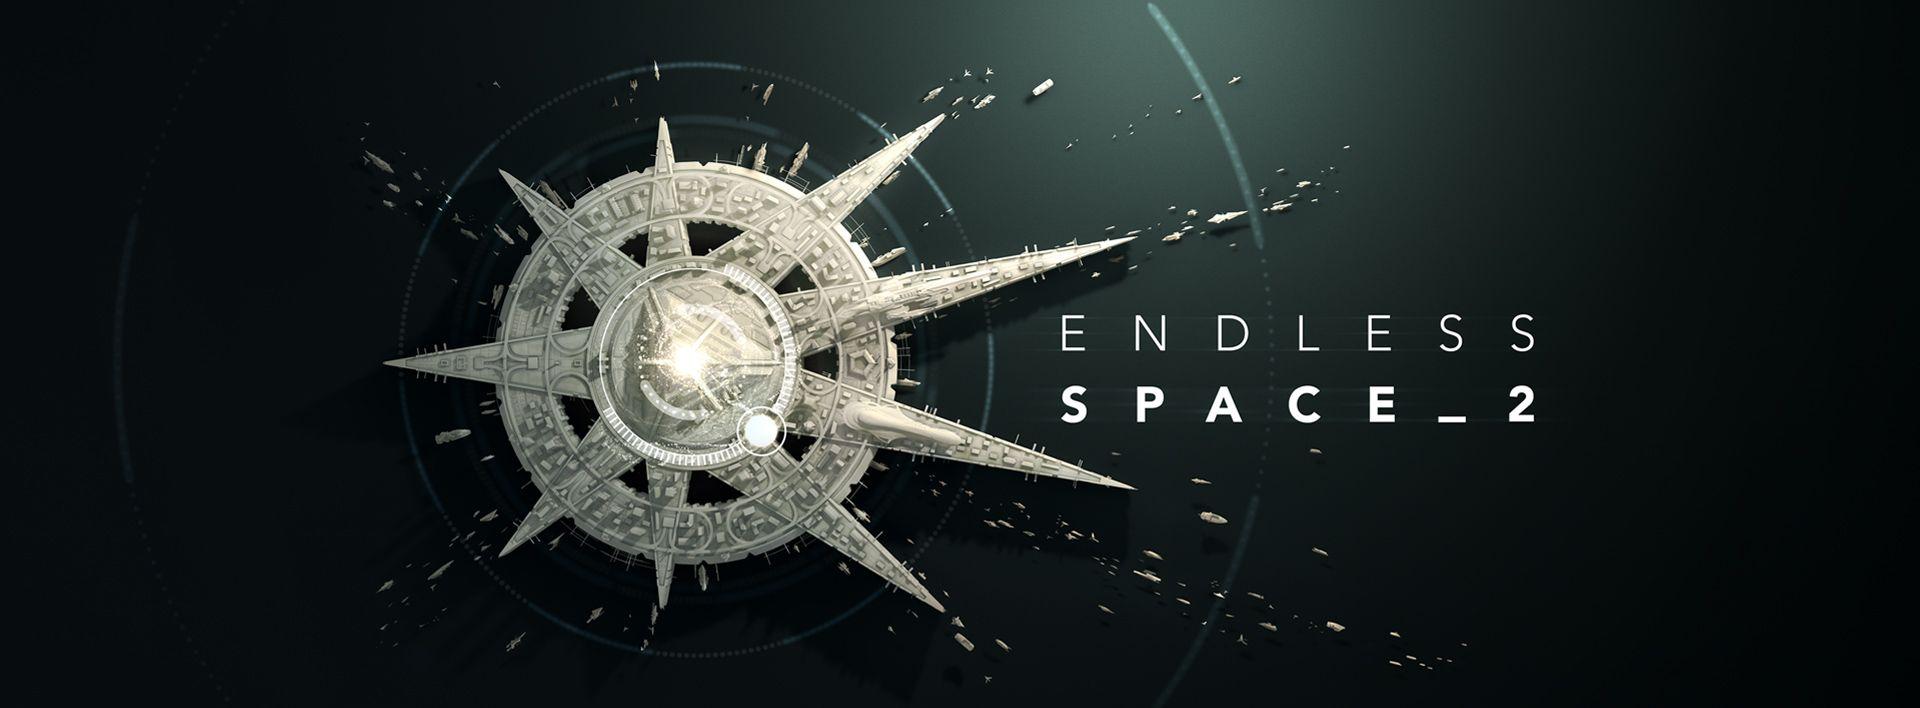 Endless Space 2 (frissítve)